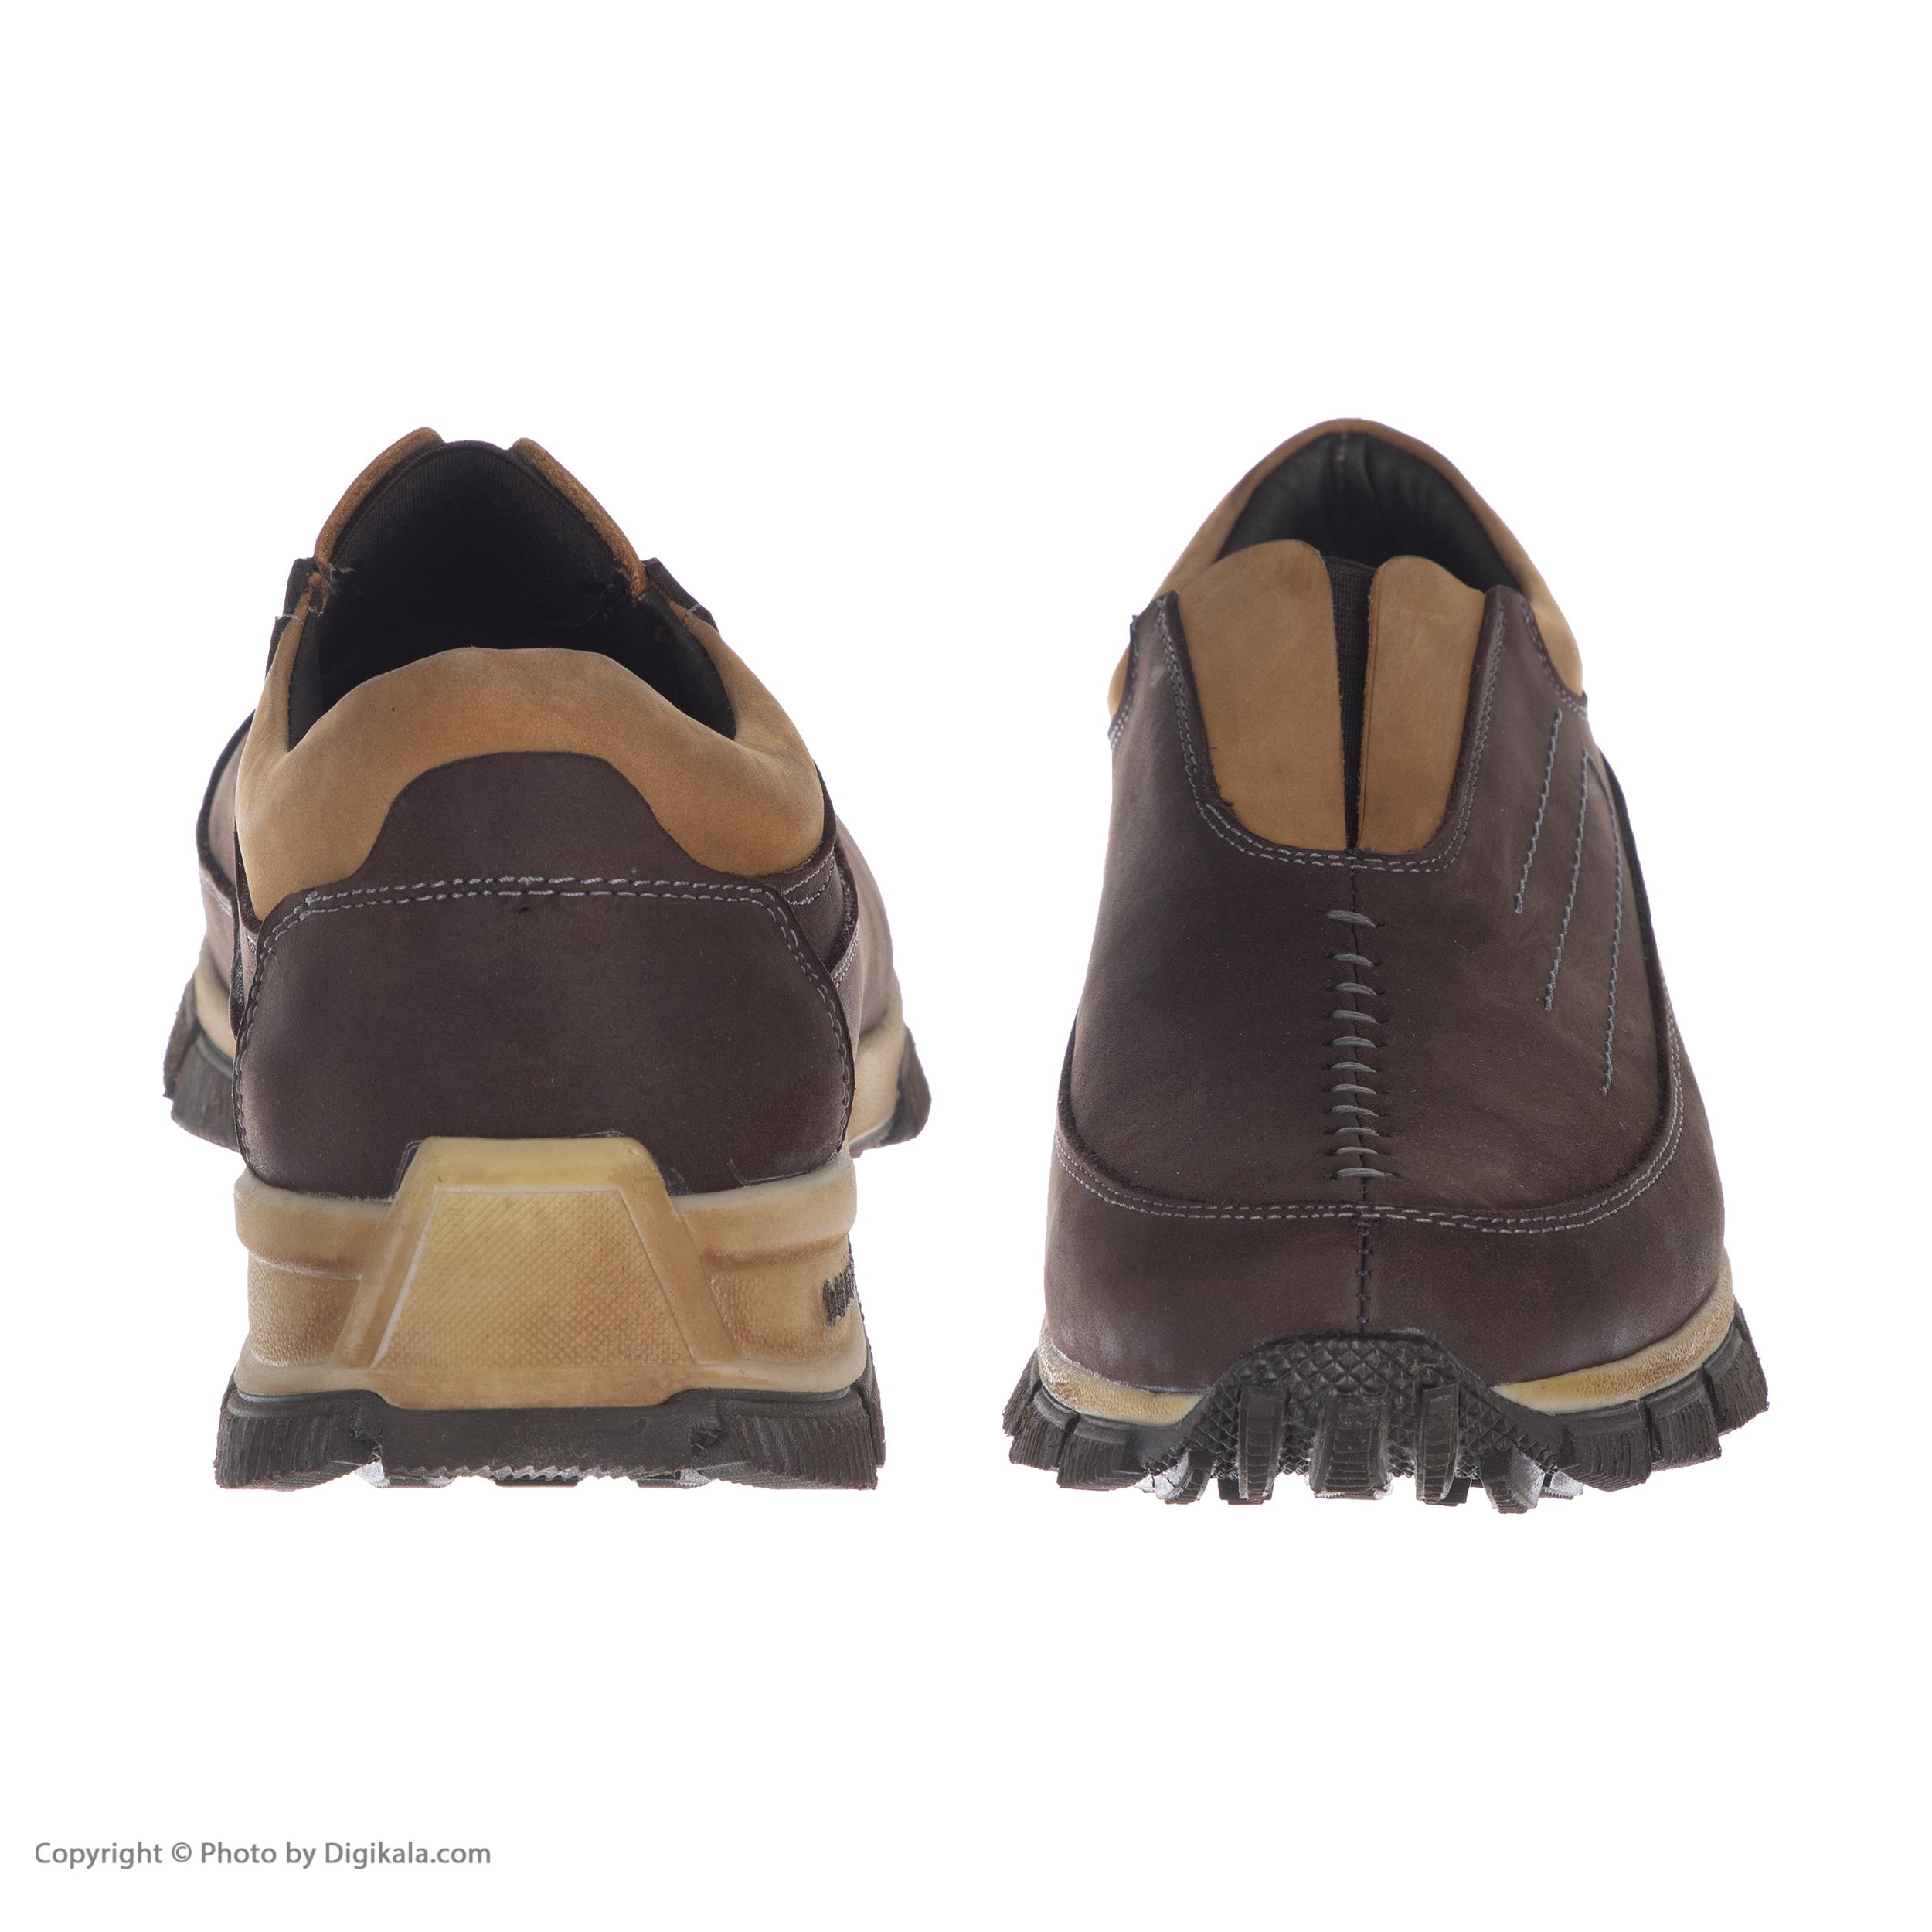 کفش روزمره مردانه دانادل مدل 8604A503104 -  - 3